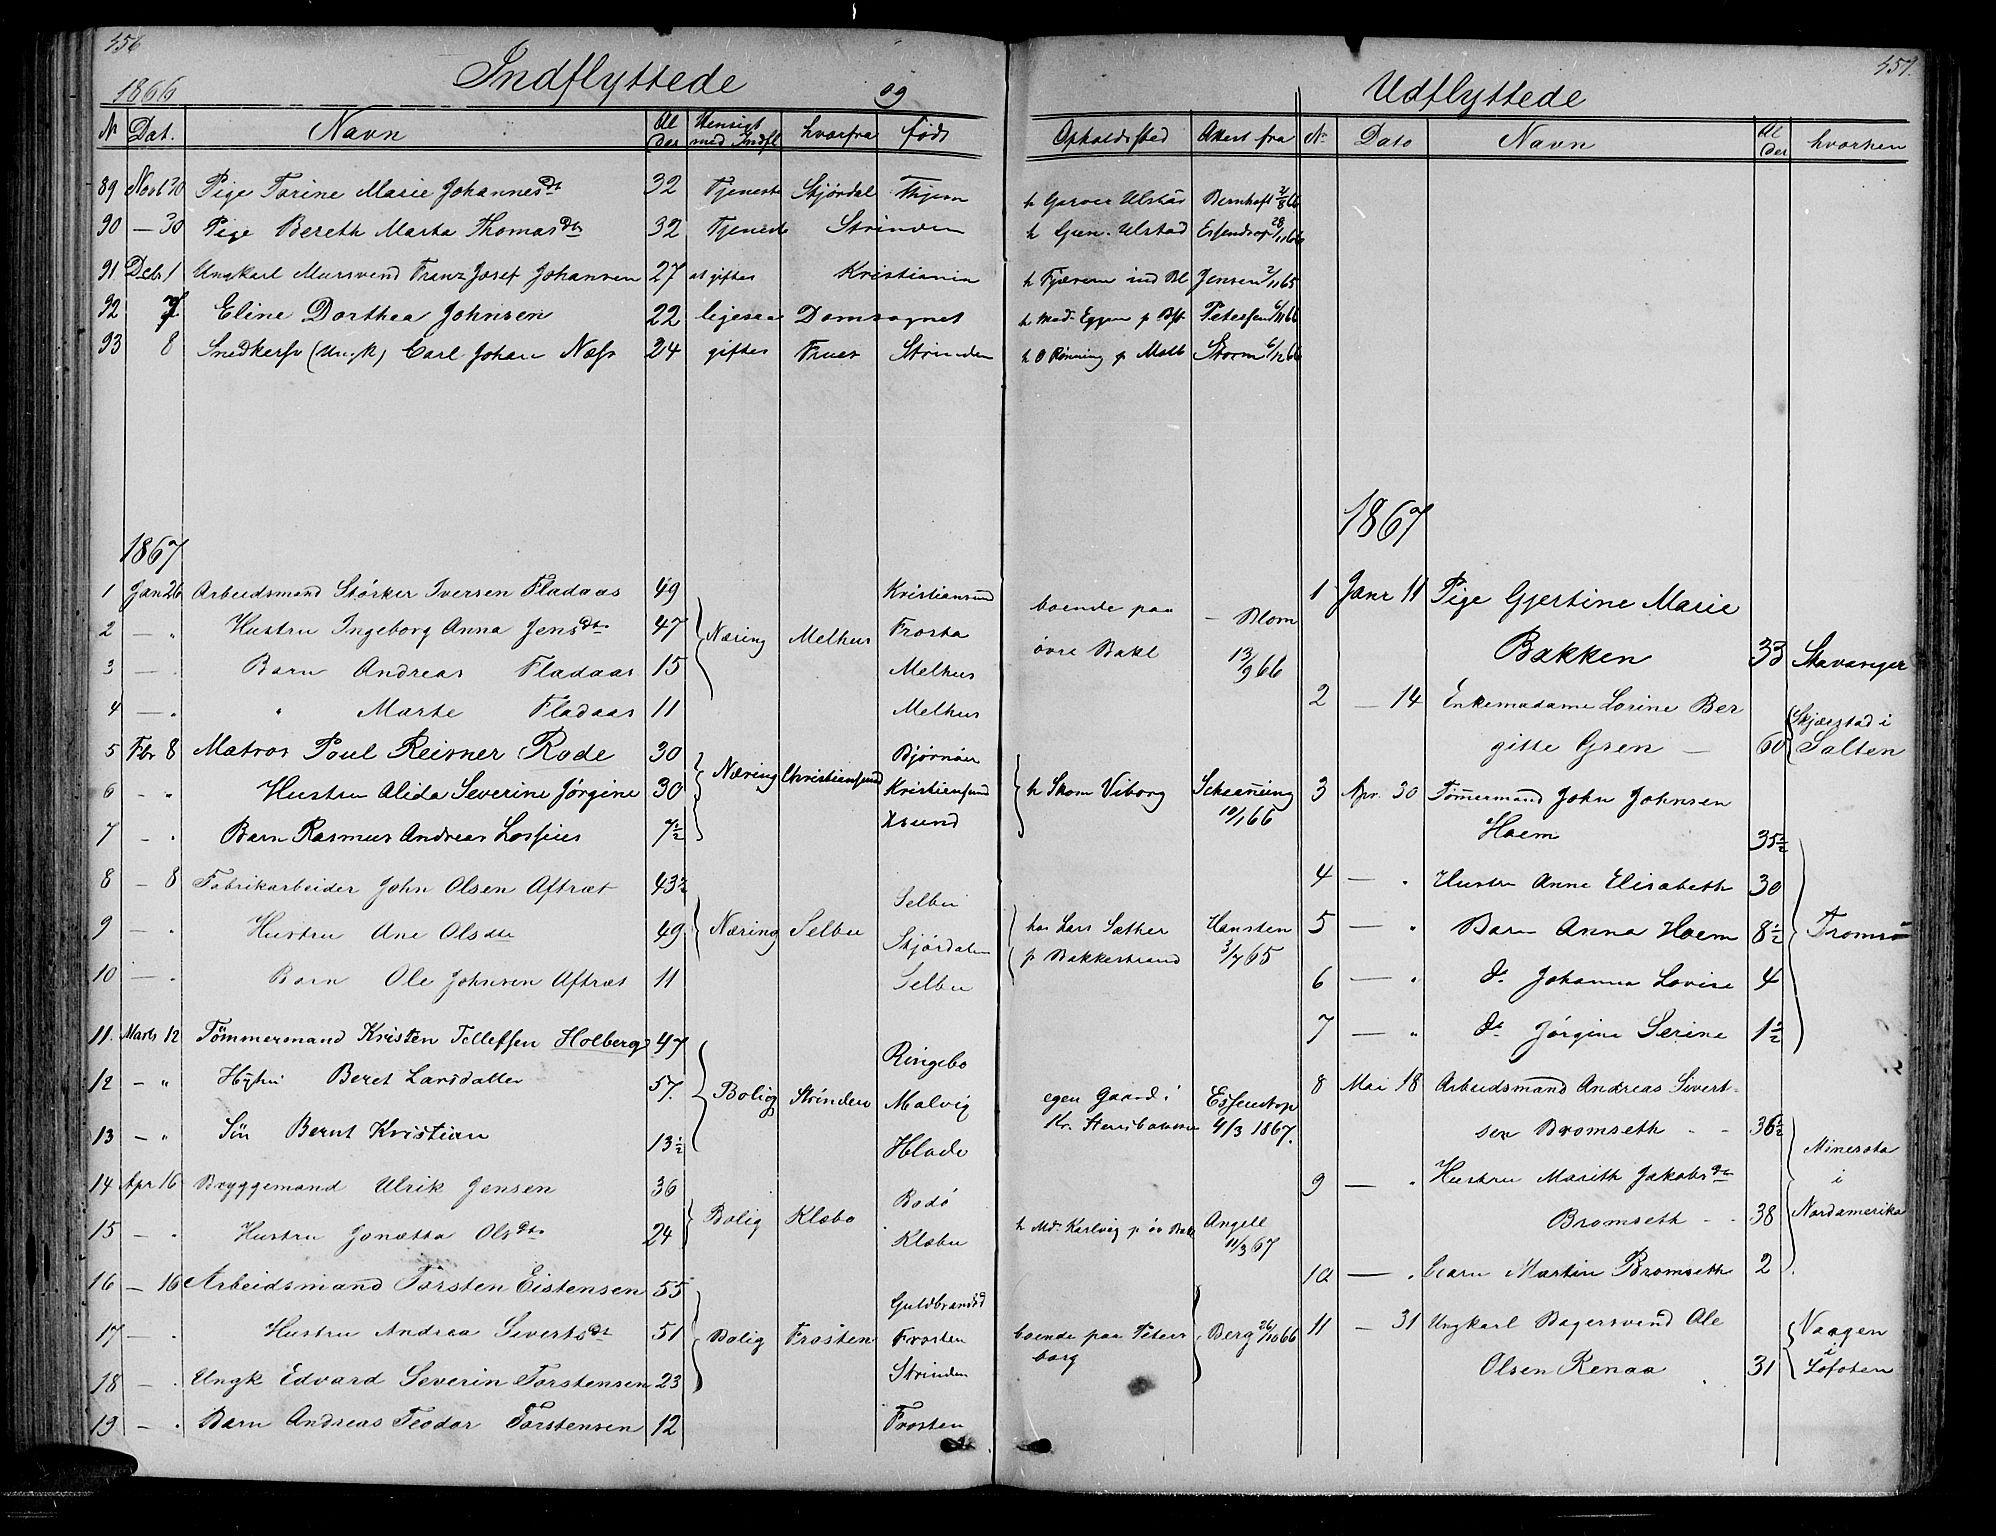 SAT, Ministerialprotokoller, klokkerbøker og fødselsregistre - Sør-Trøndelag, 604/L0219: Klokkerbok nr. 604C02, 1851-1869, s. 456-457